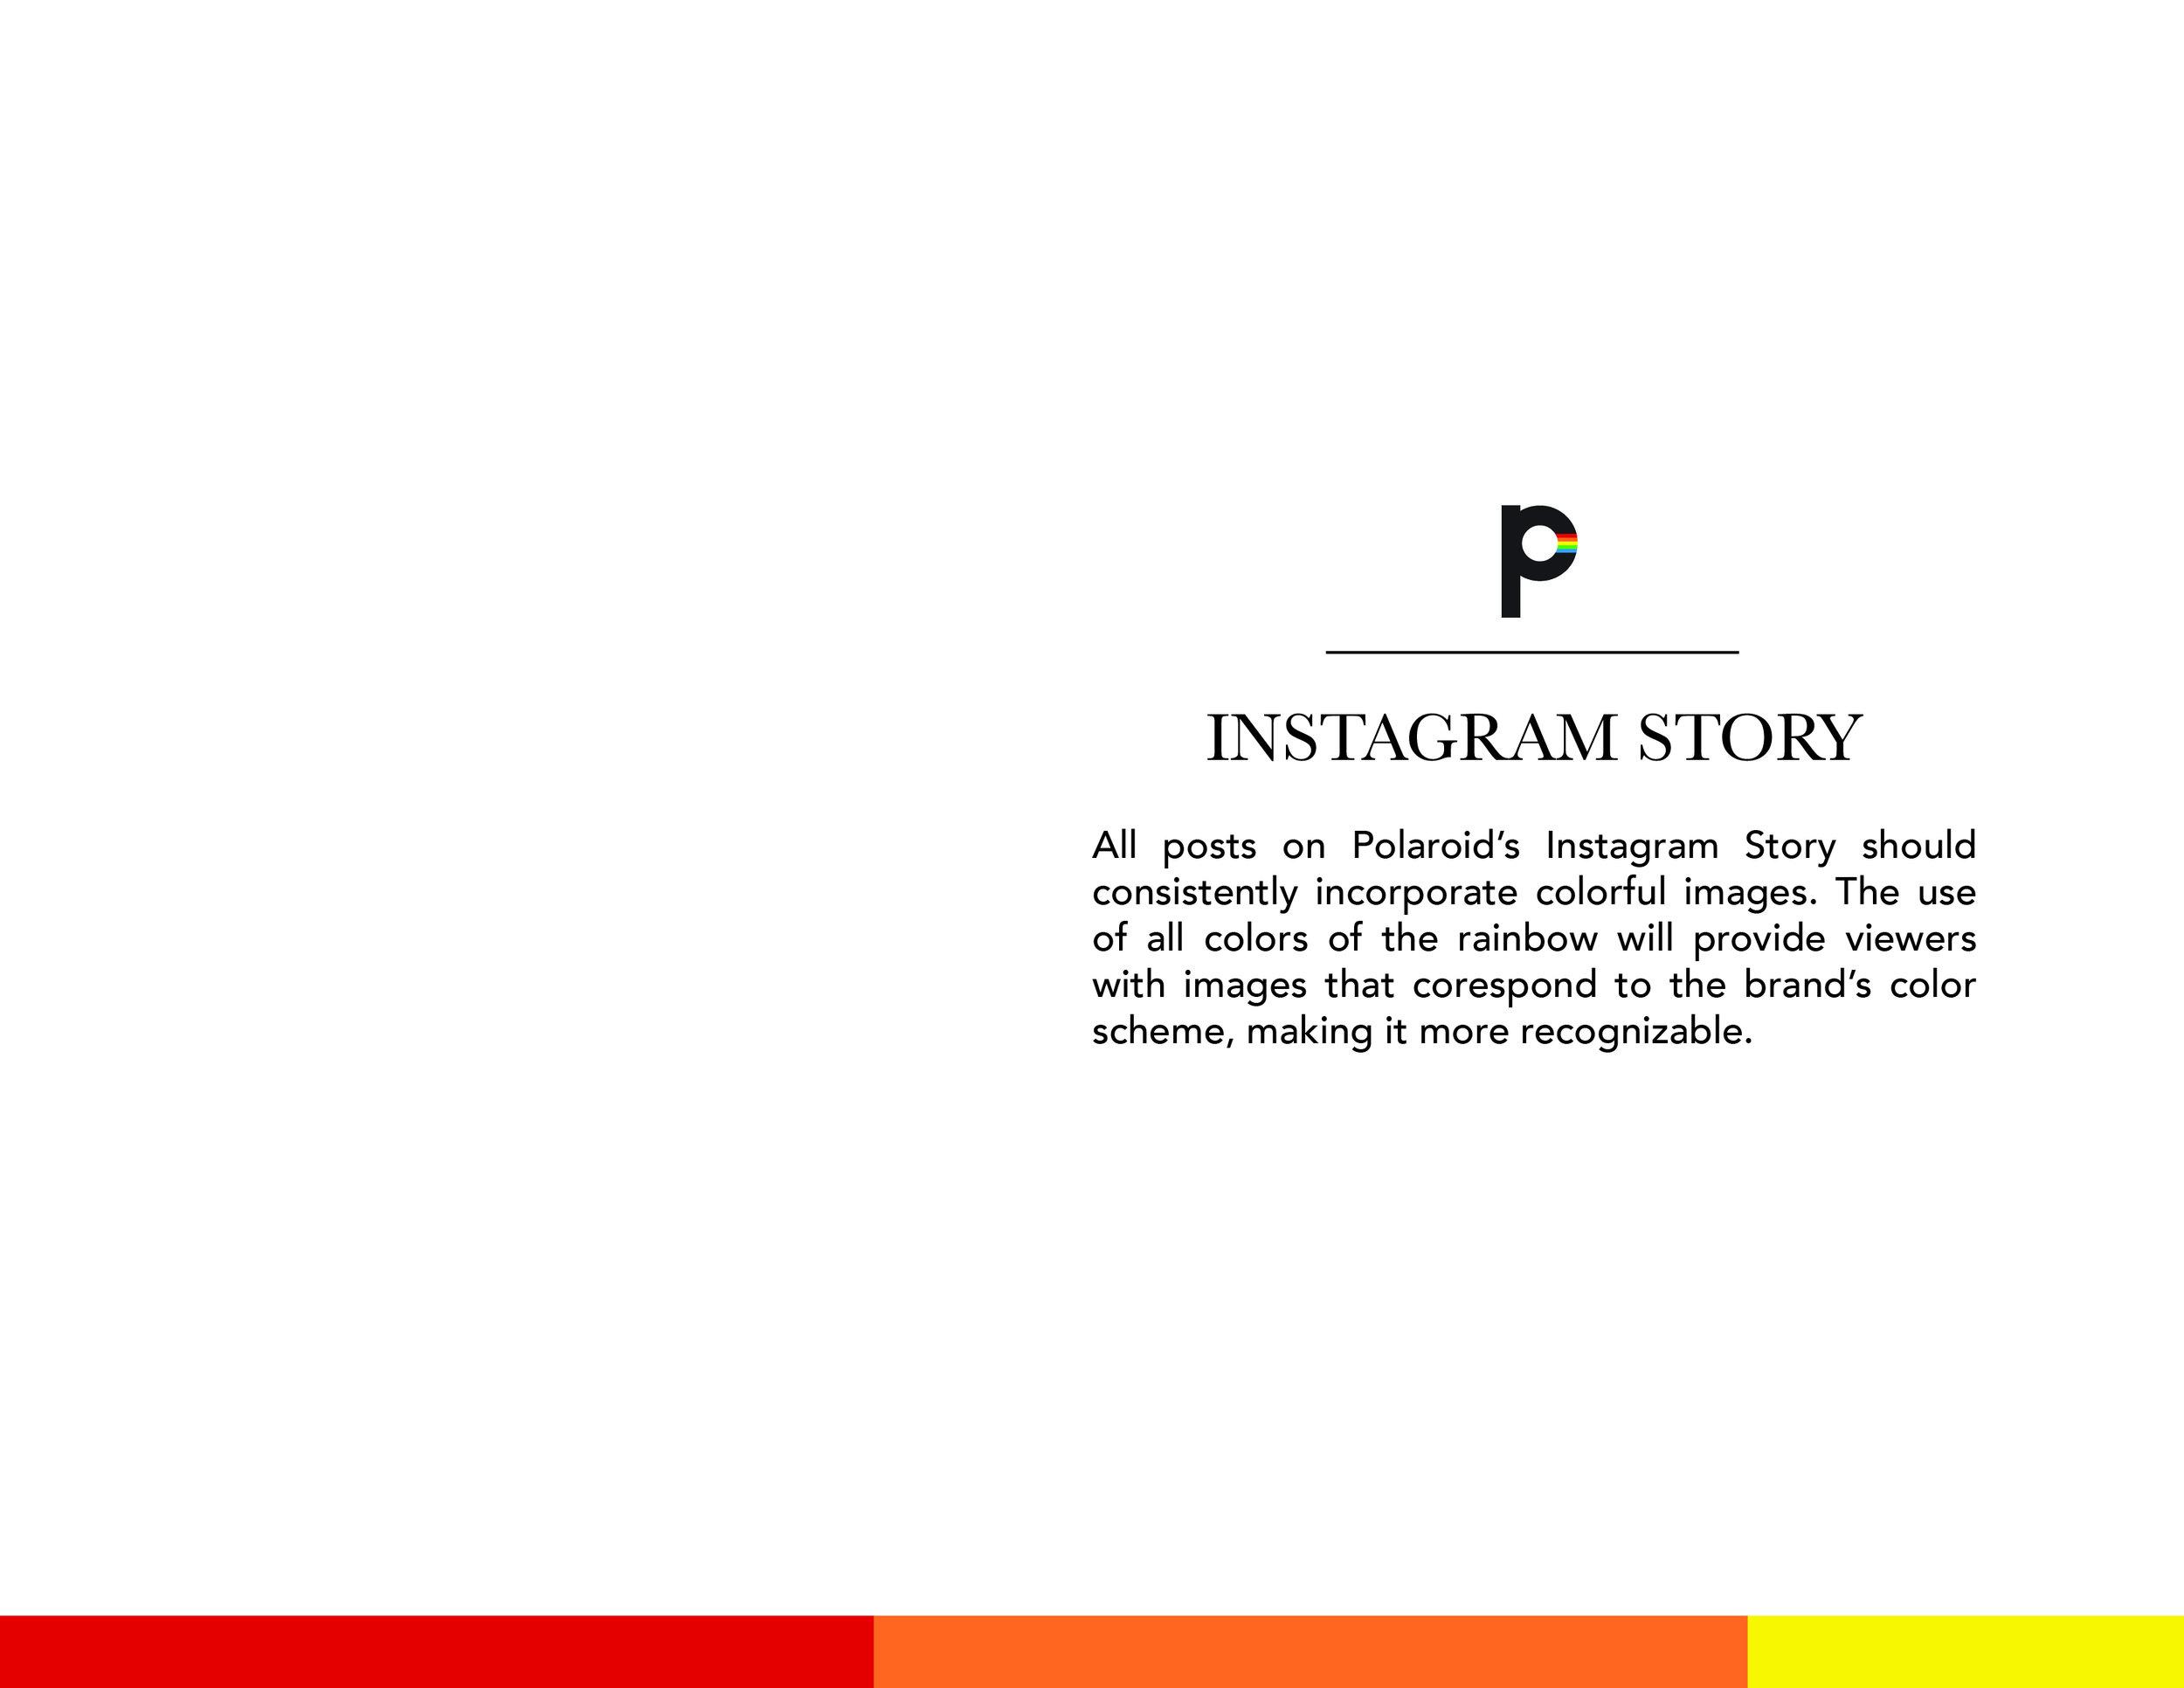 Polaroid Brand Guide 120.jpg